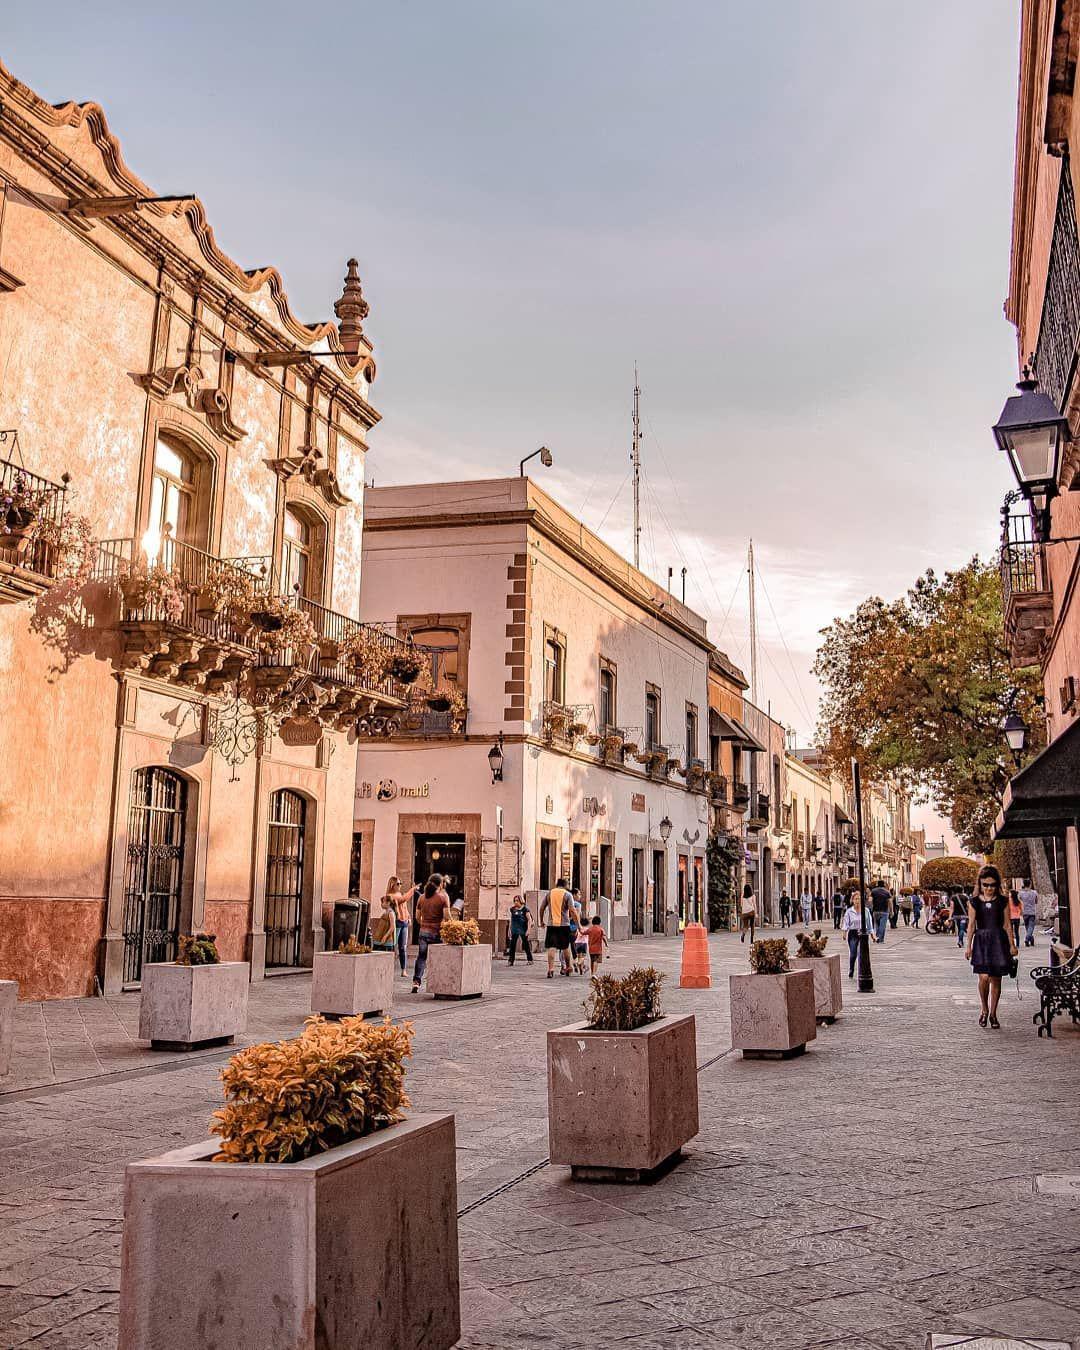 Querétaro City, Querétaro, Mexico | Queretaro, Juriquilla queretaro, México